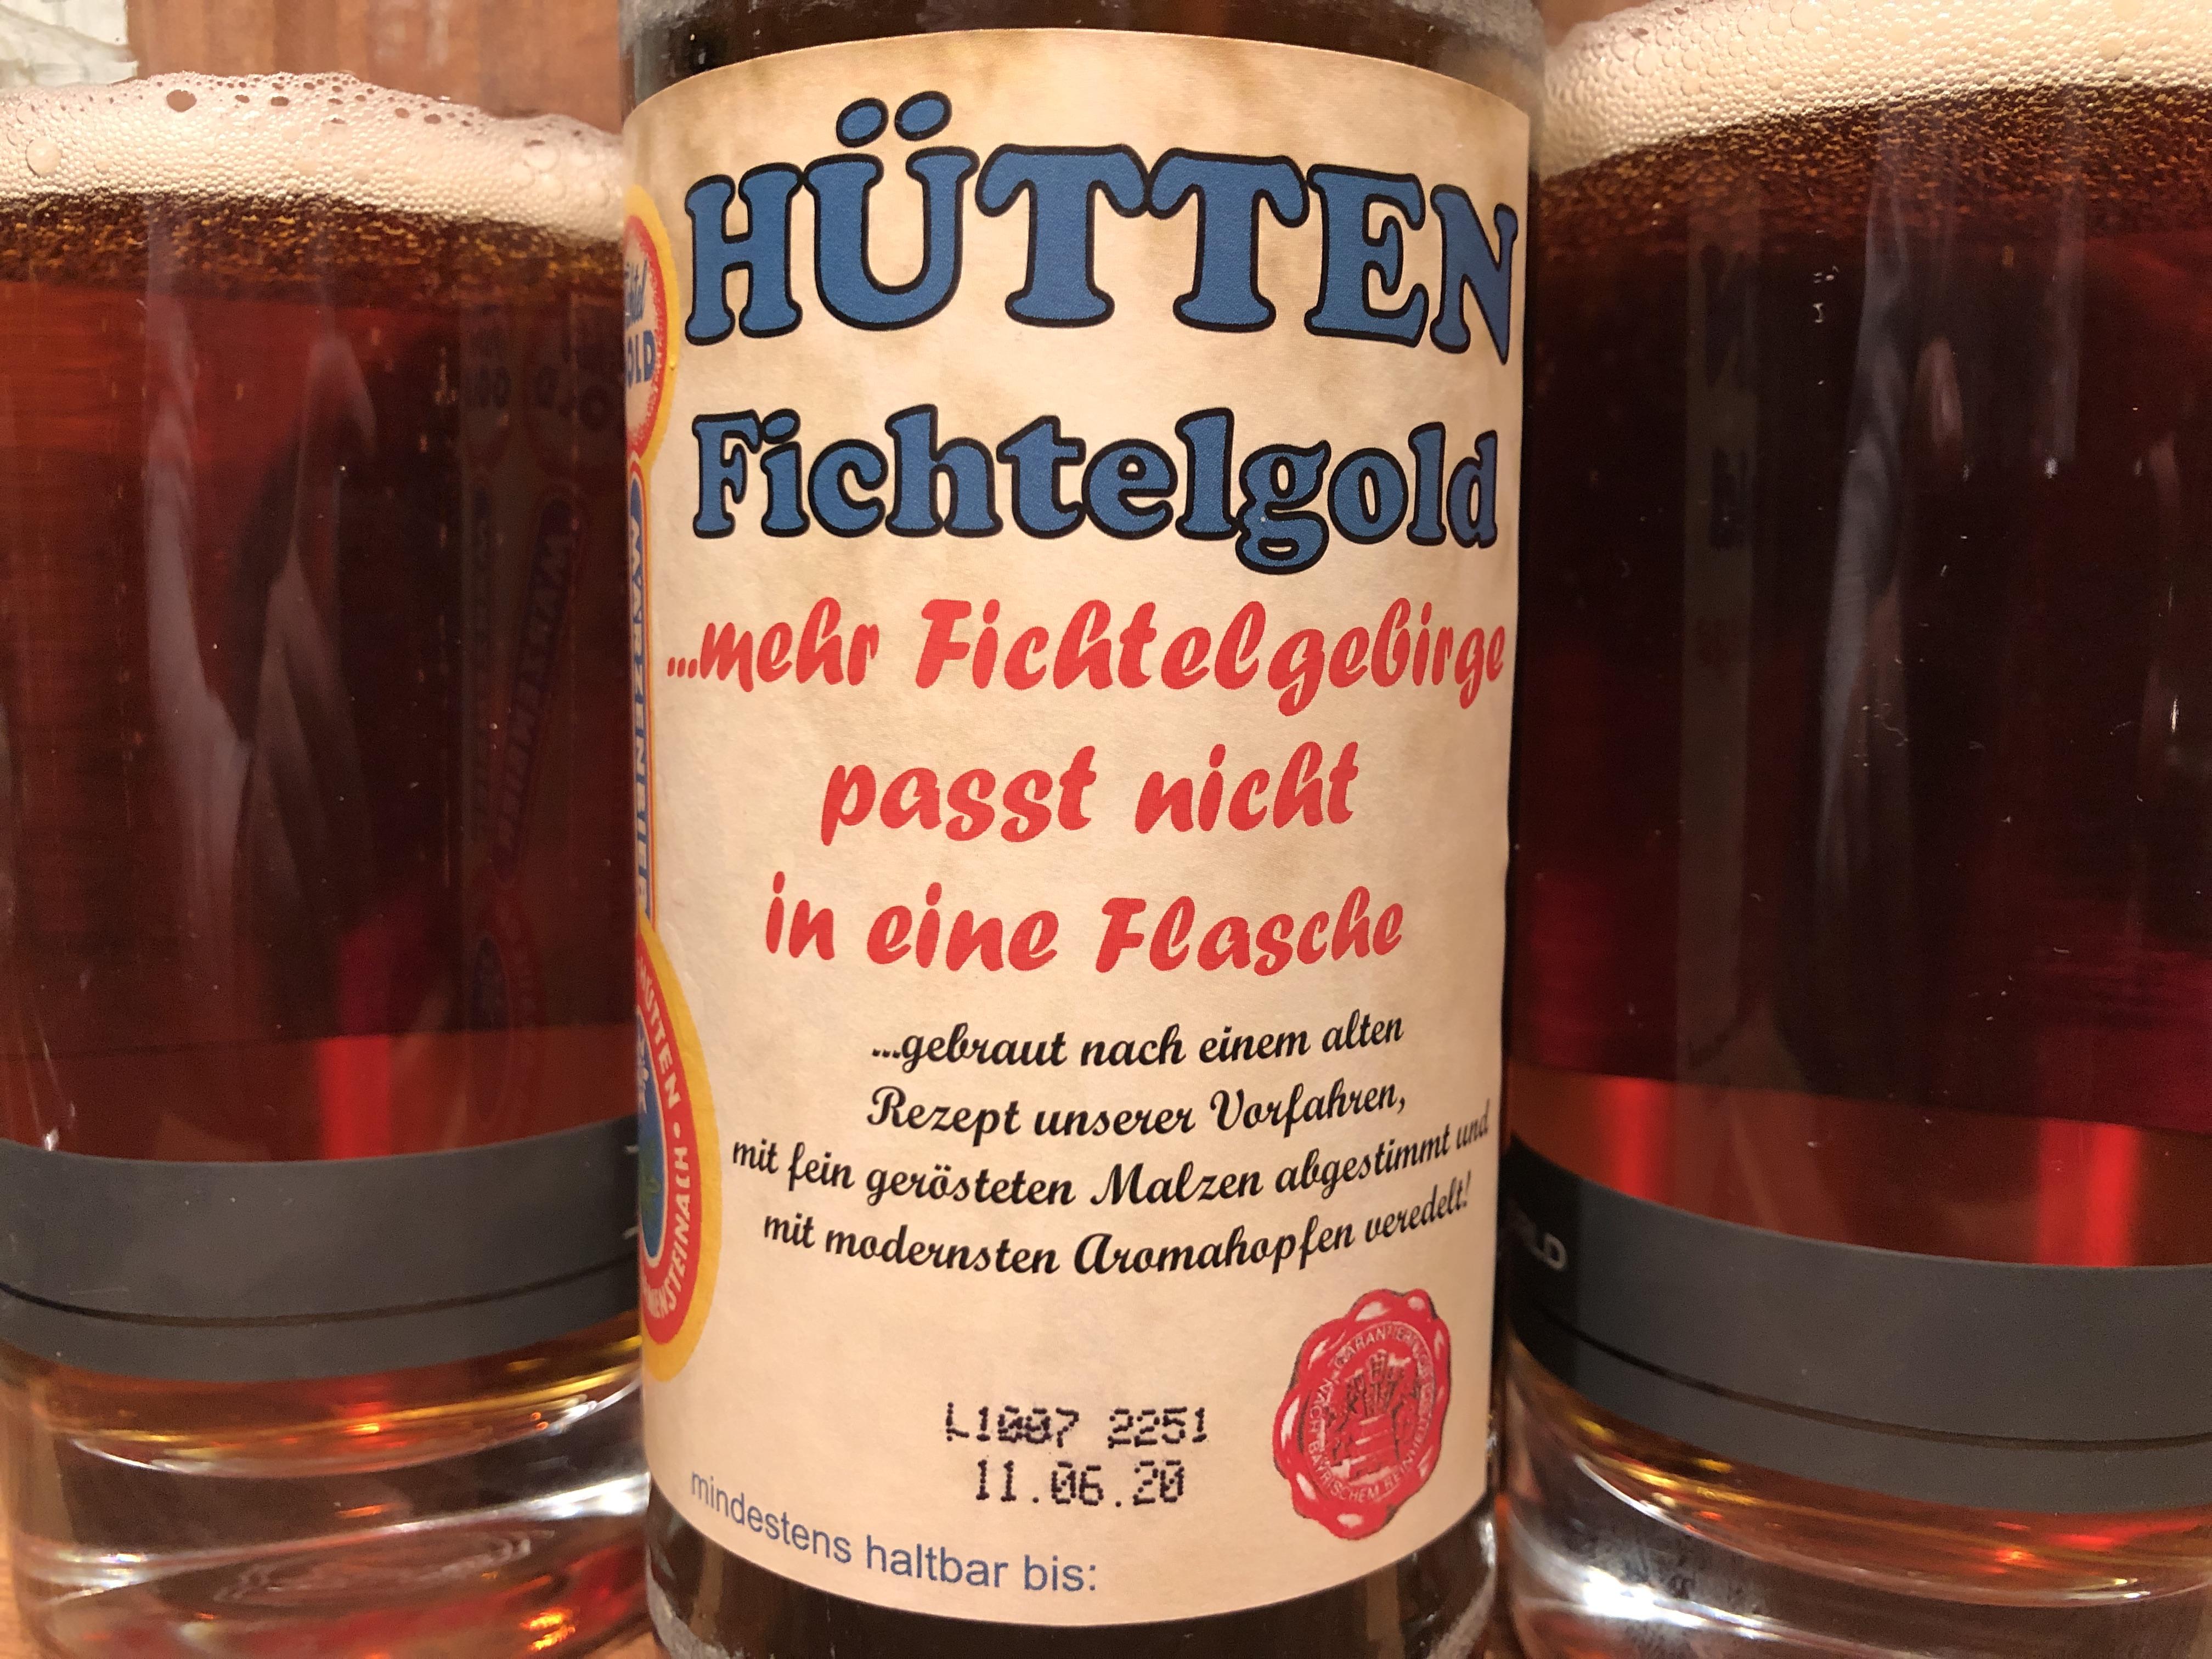 Hütten Fichtelgold